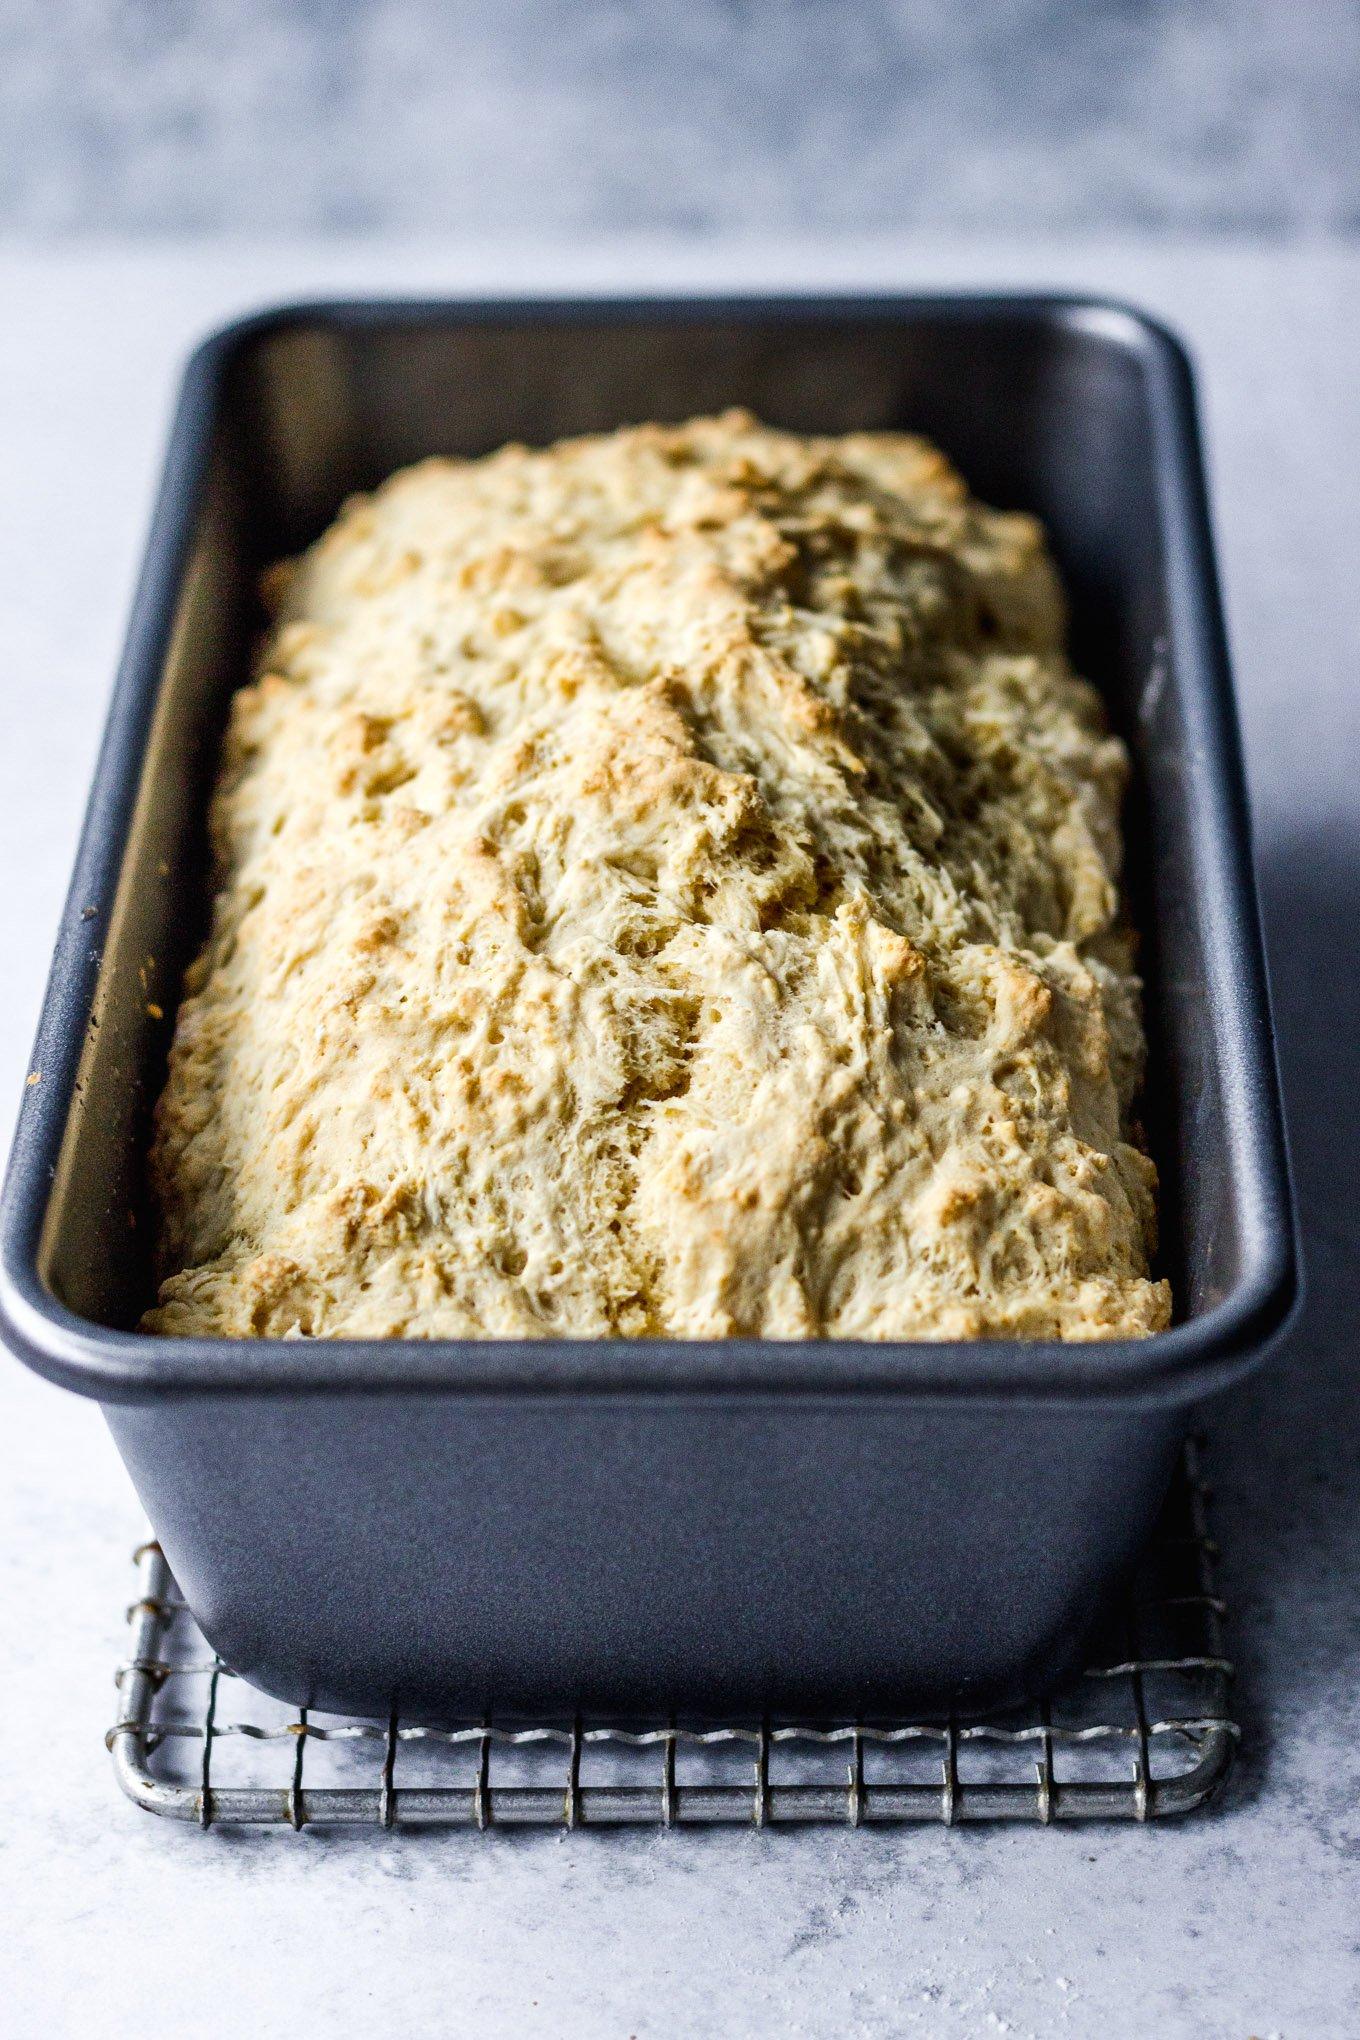 beer bread in baking loaf pan on cooling rack